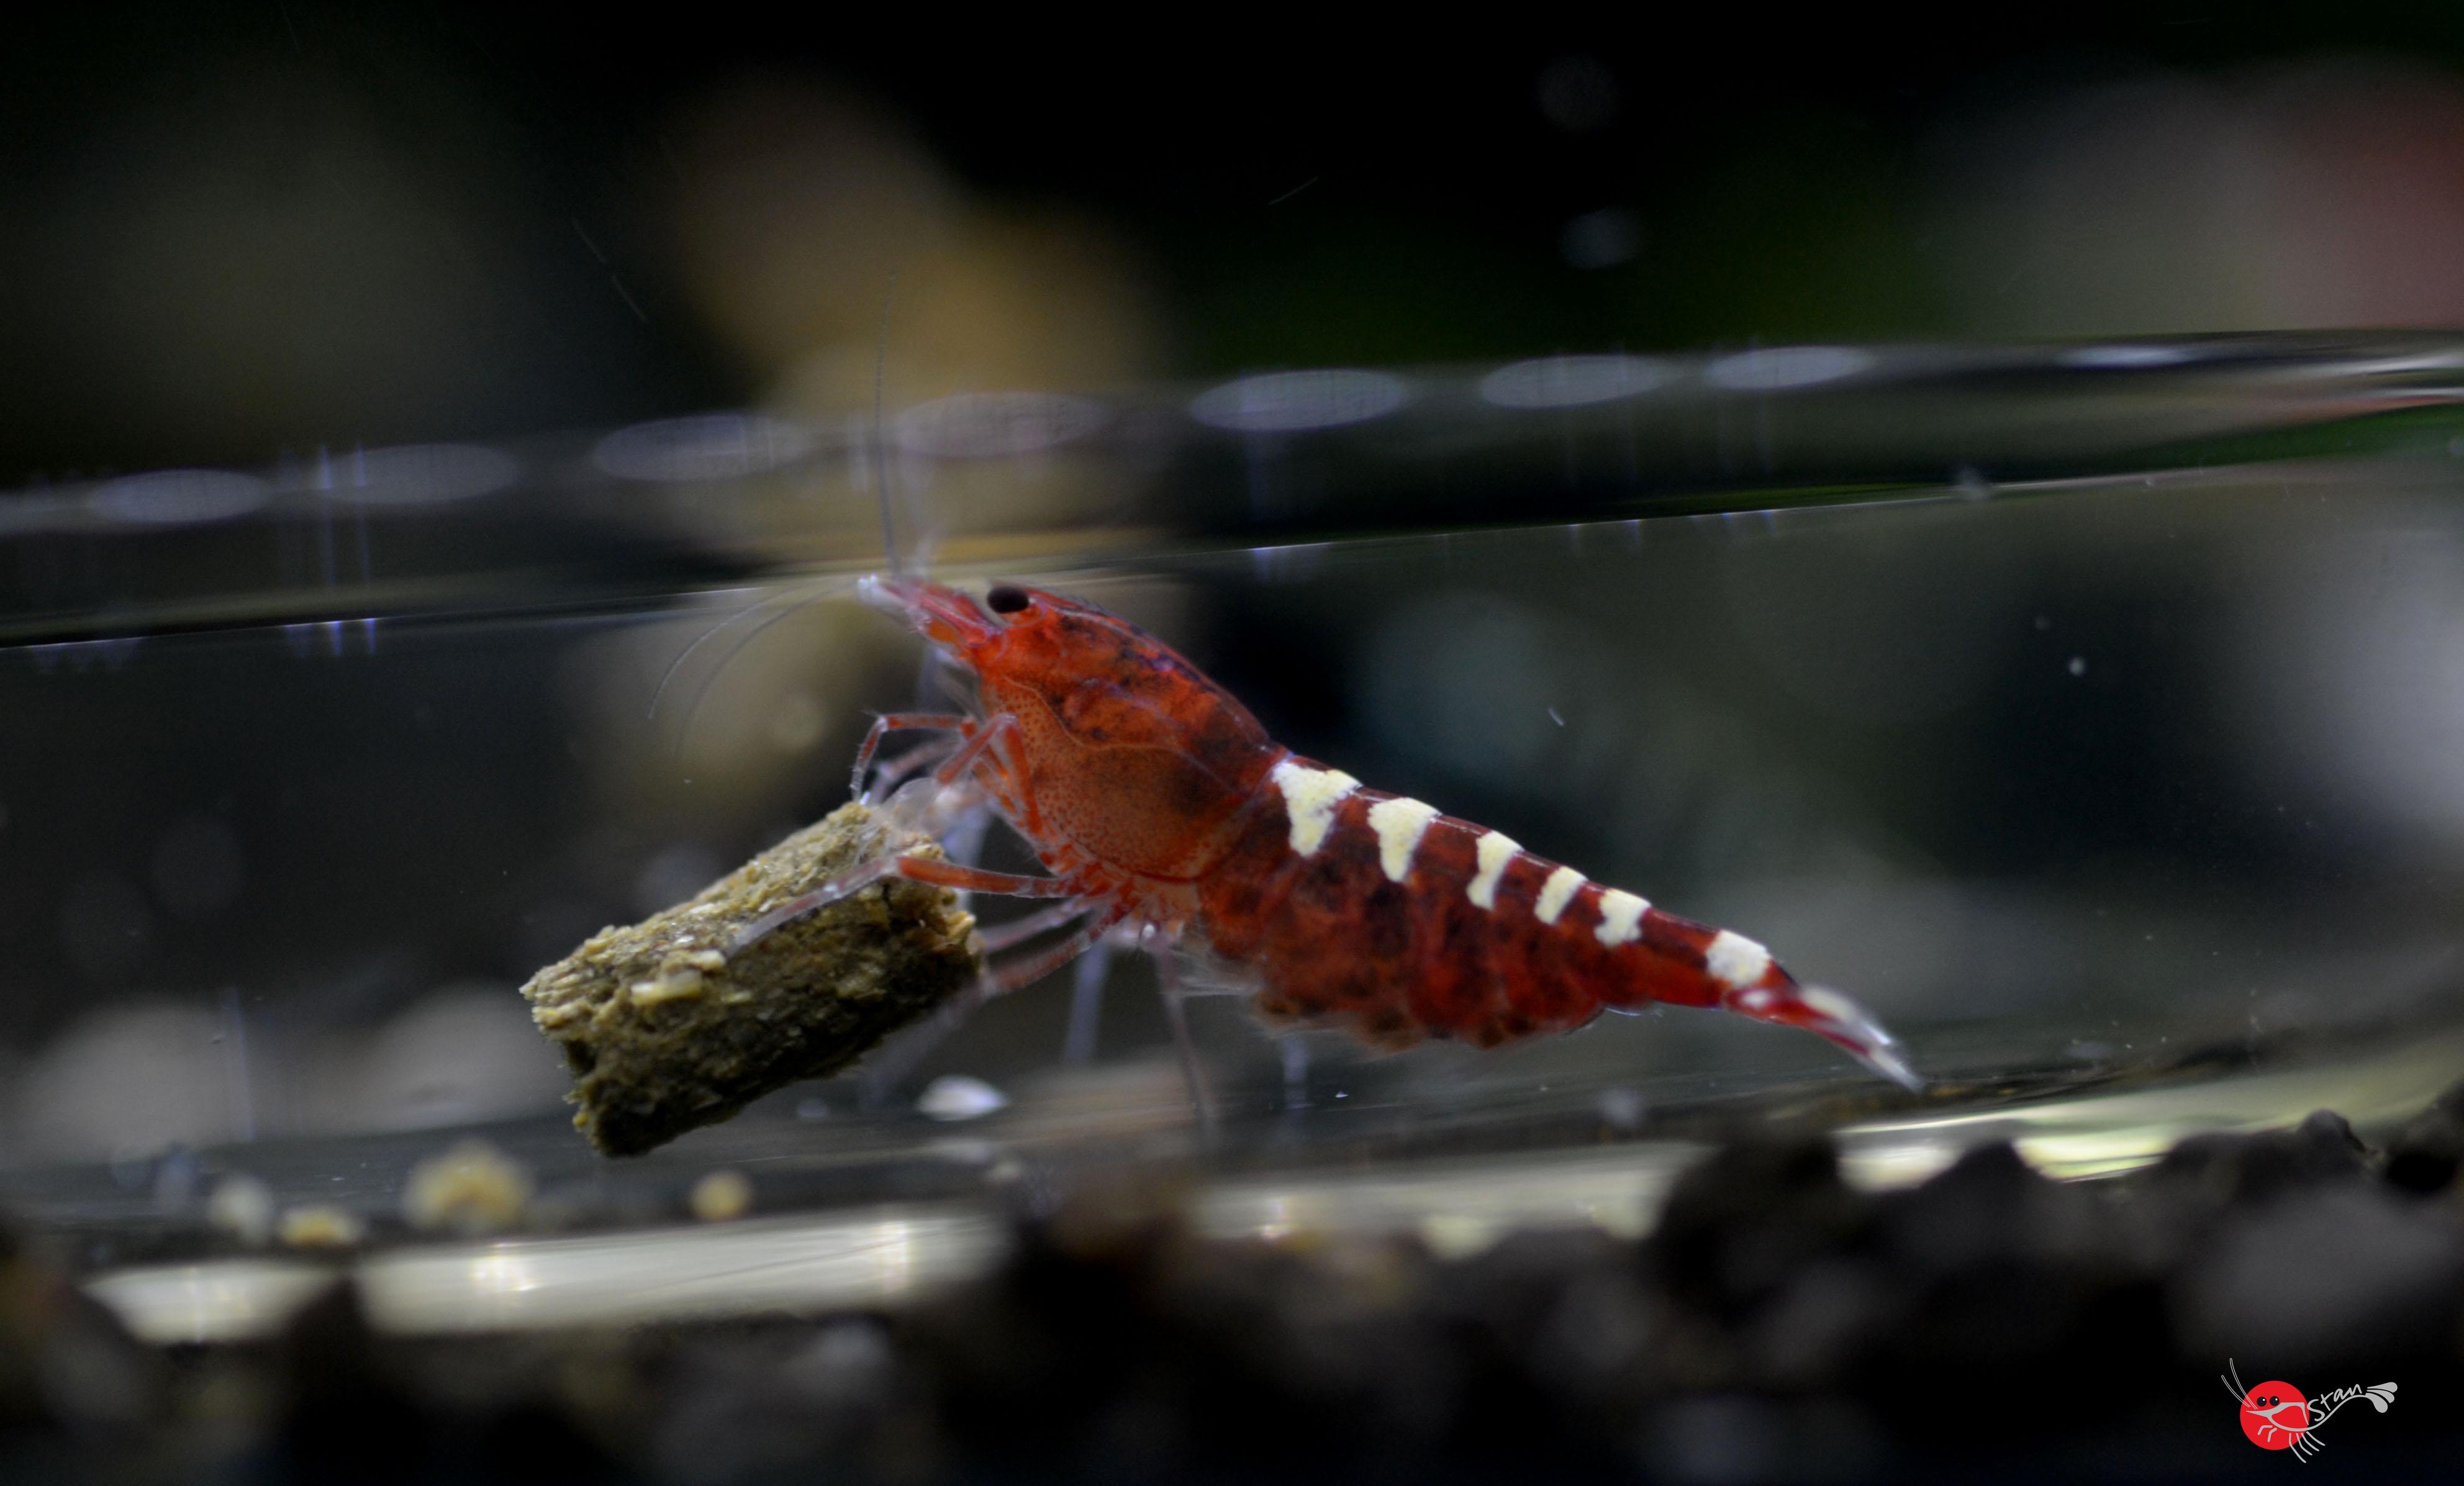 Les sols techniques et leurs principes – Tendance Crevette